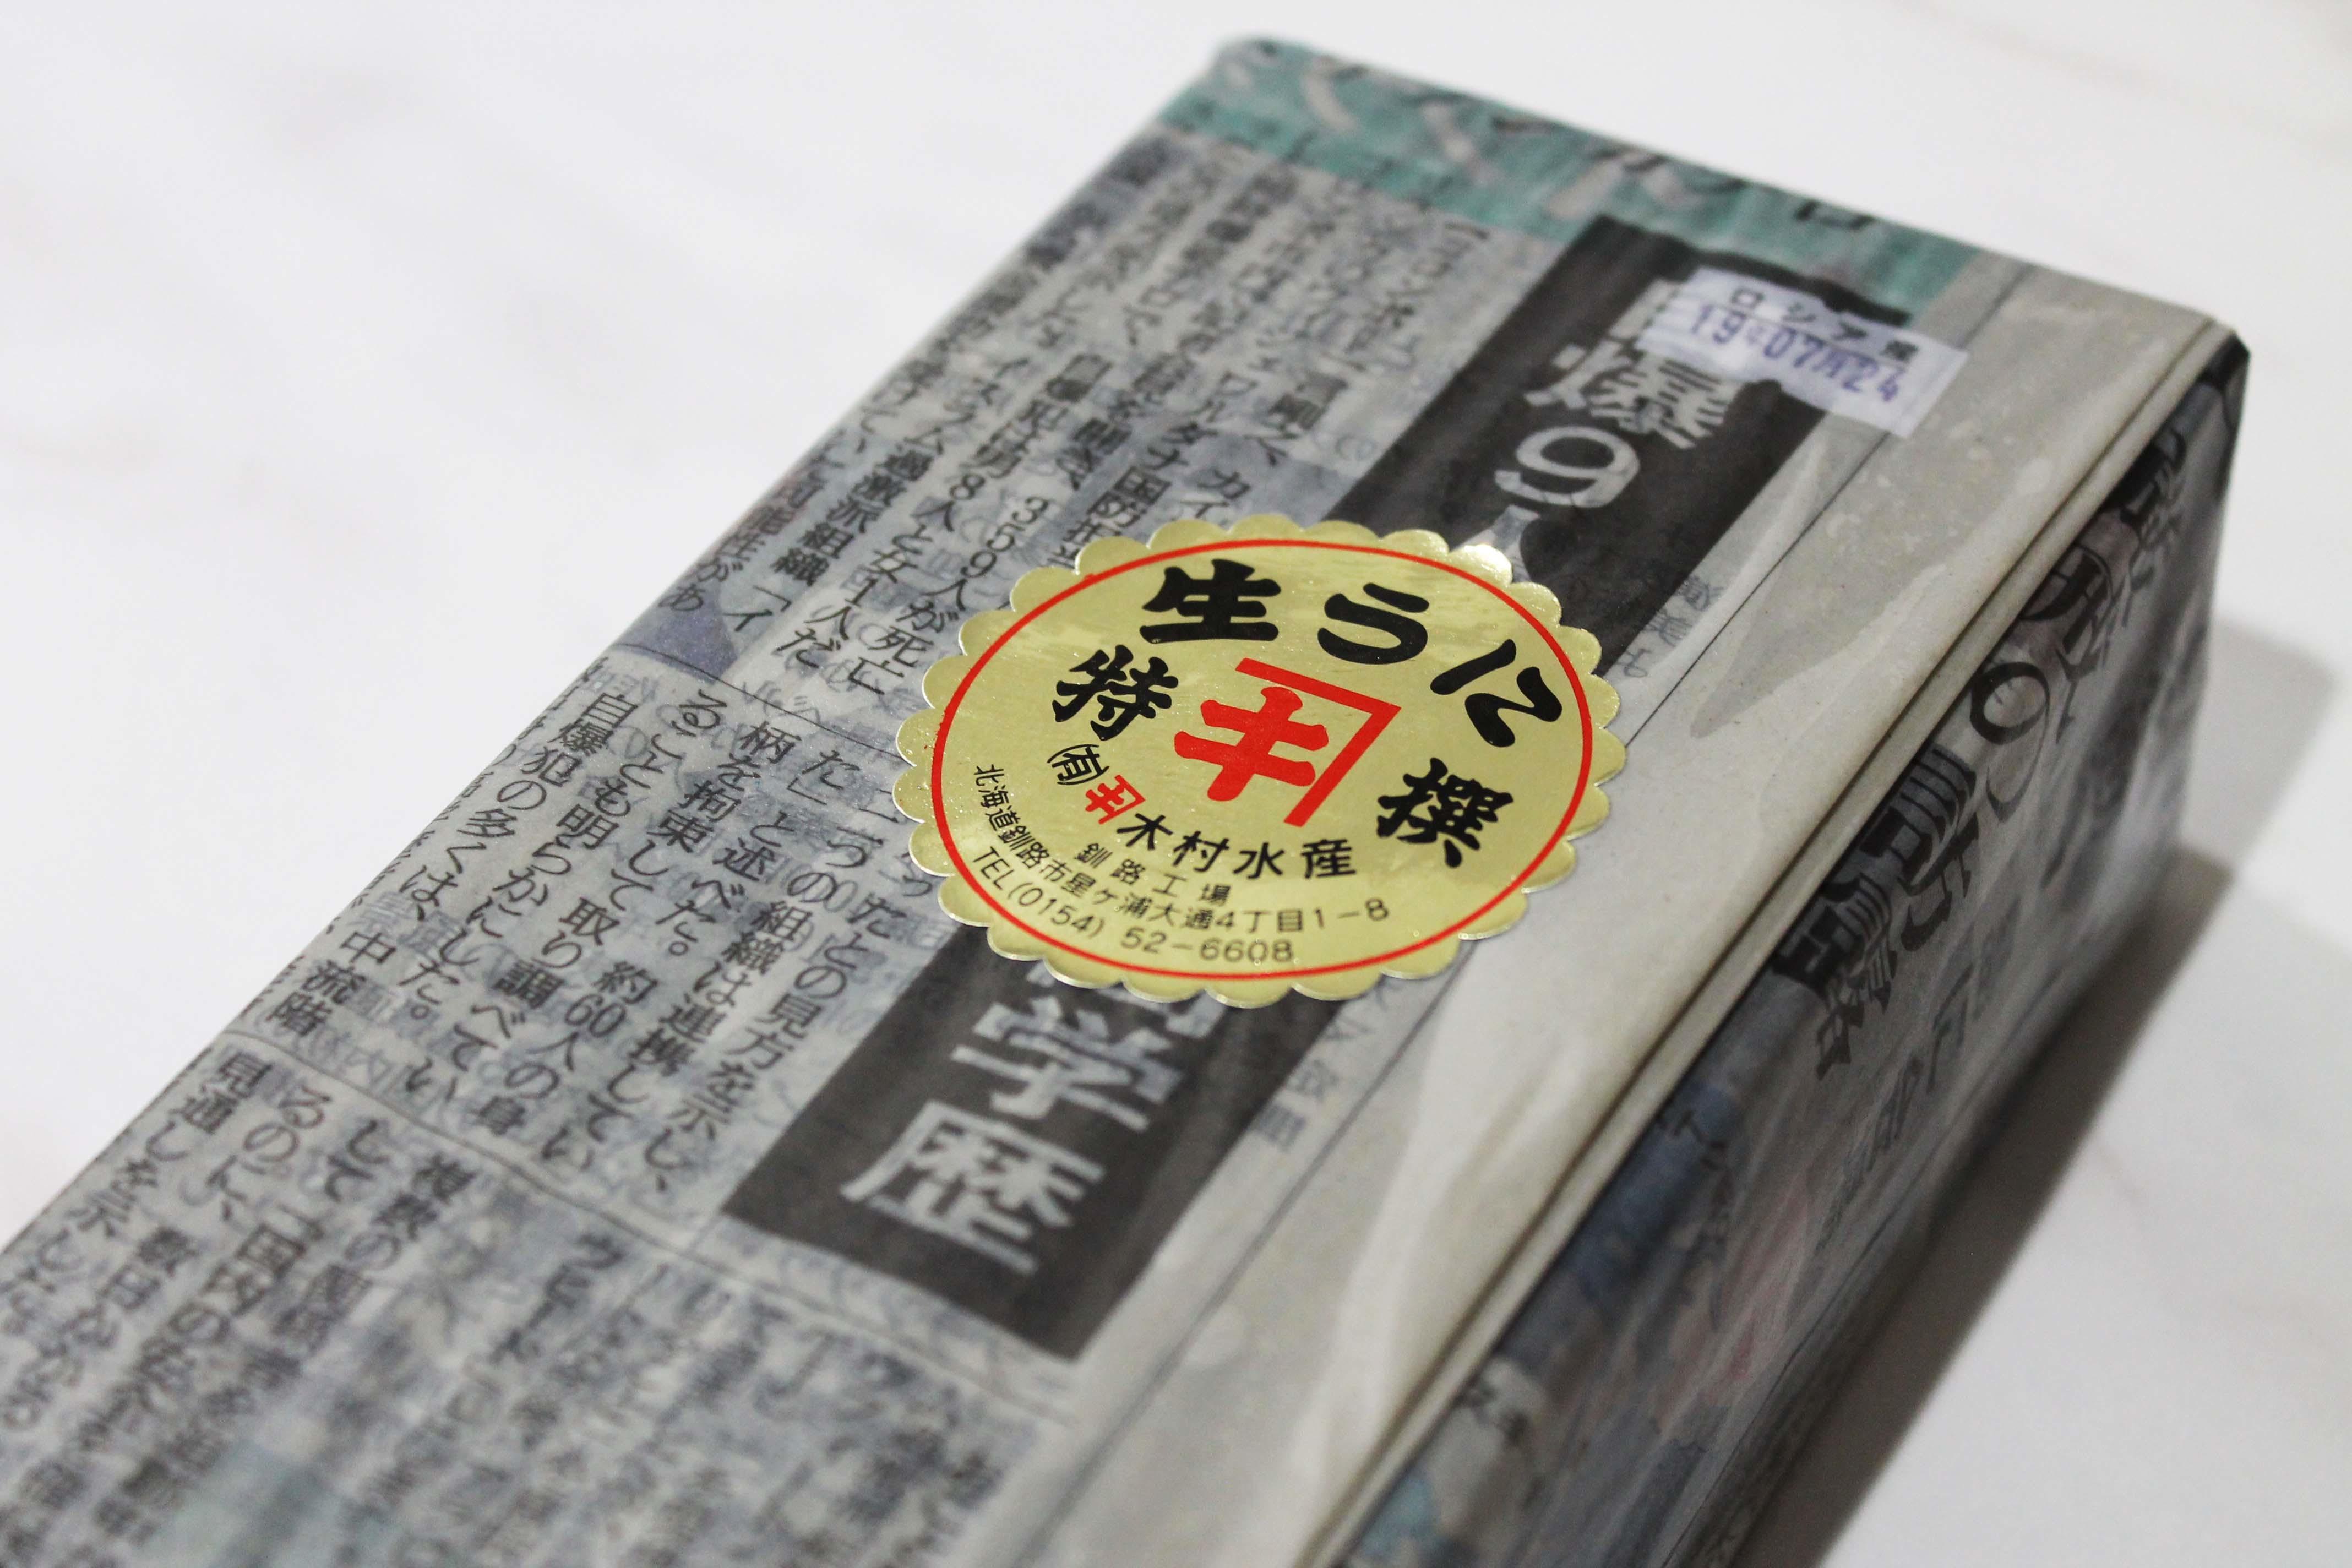 タラバガニと蝦夷バフンウニ 北海道旅日記5_d0377645_12050752.jpg